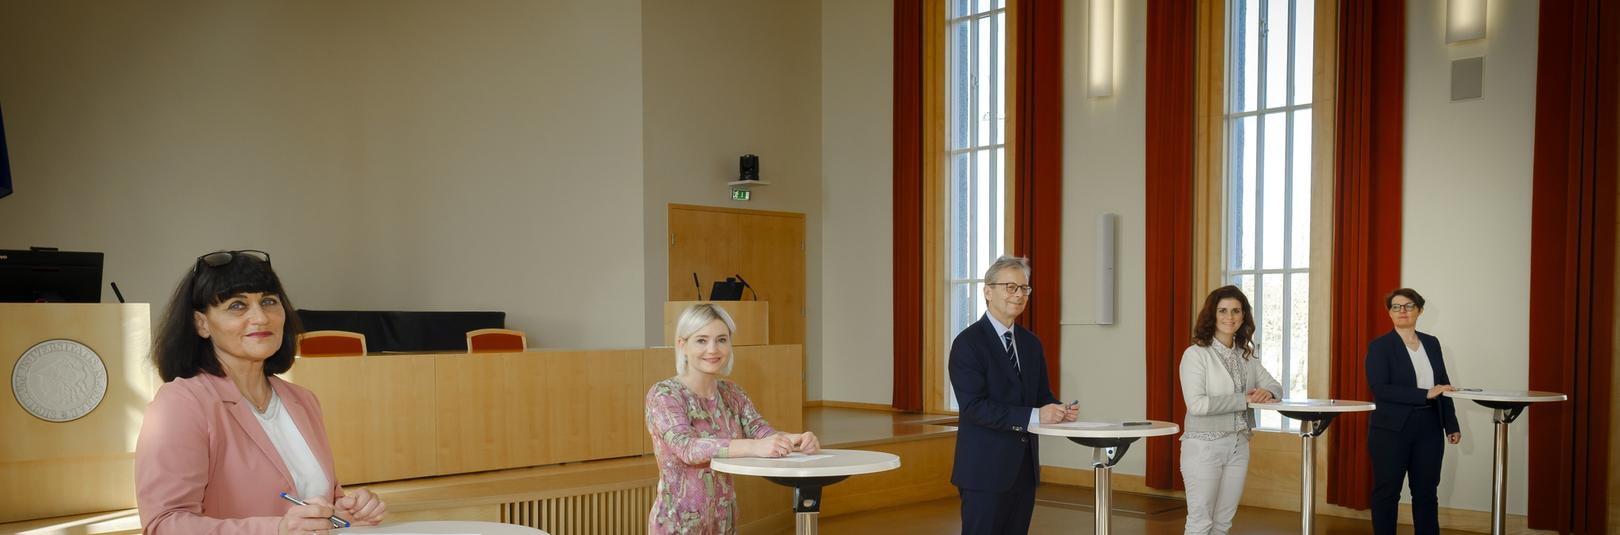 Nýsköpunar- og frumkvöðlamennt til Háskóla Íslands - á vefsíðu Háskóla Íslands